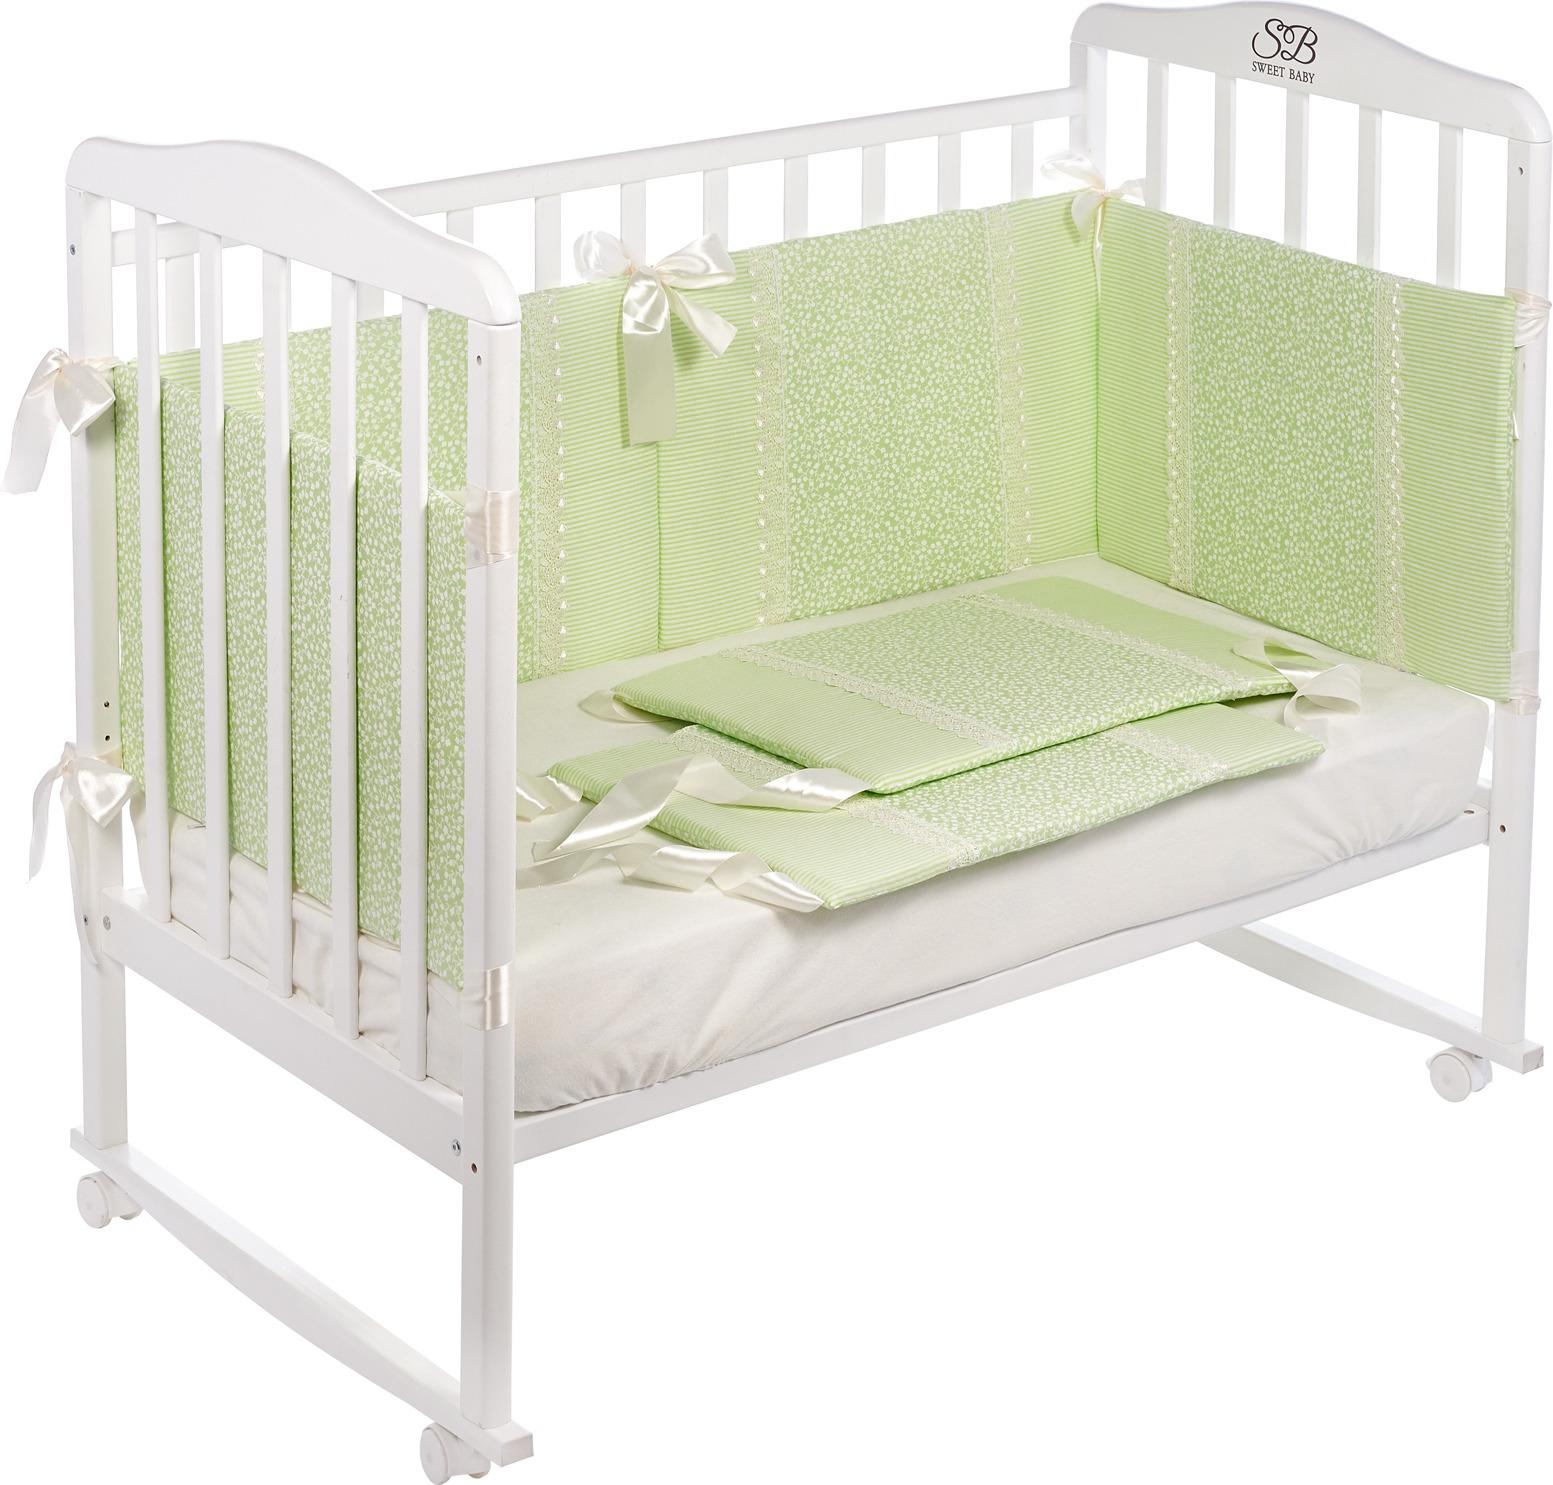 Бортики в кроватку Sweet Baby Fiore, 419052, светло-зеленый, 6 частей419052Ткань: бязь, 100% хлопок. Высота 40 см, 6 частей. Съемные чехлы. Наполнитель: плотный холлофайбер. Украшение кружевом, завязки-атласные ленты. Упаковка-сумочка с замочком